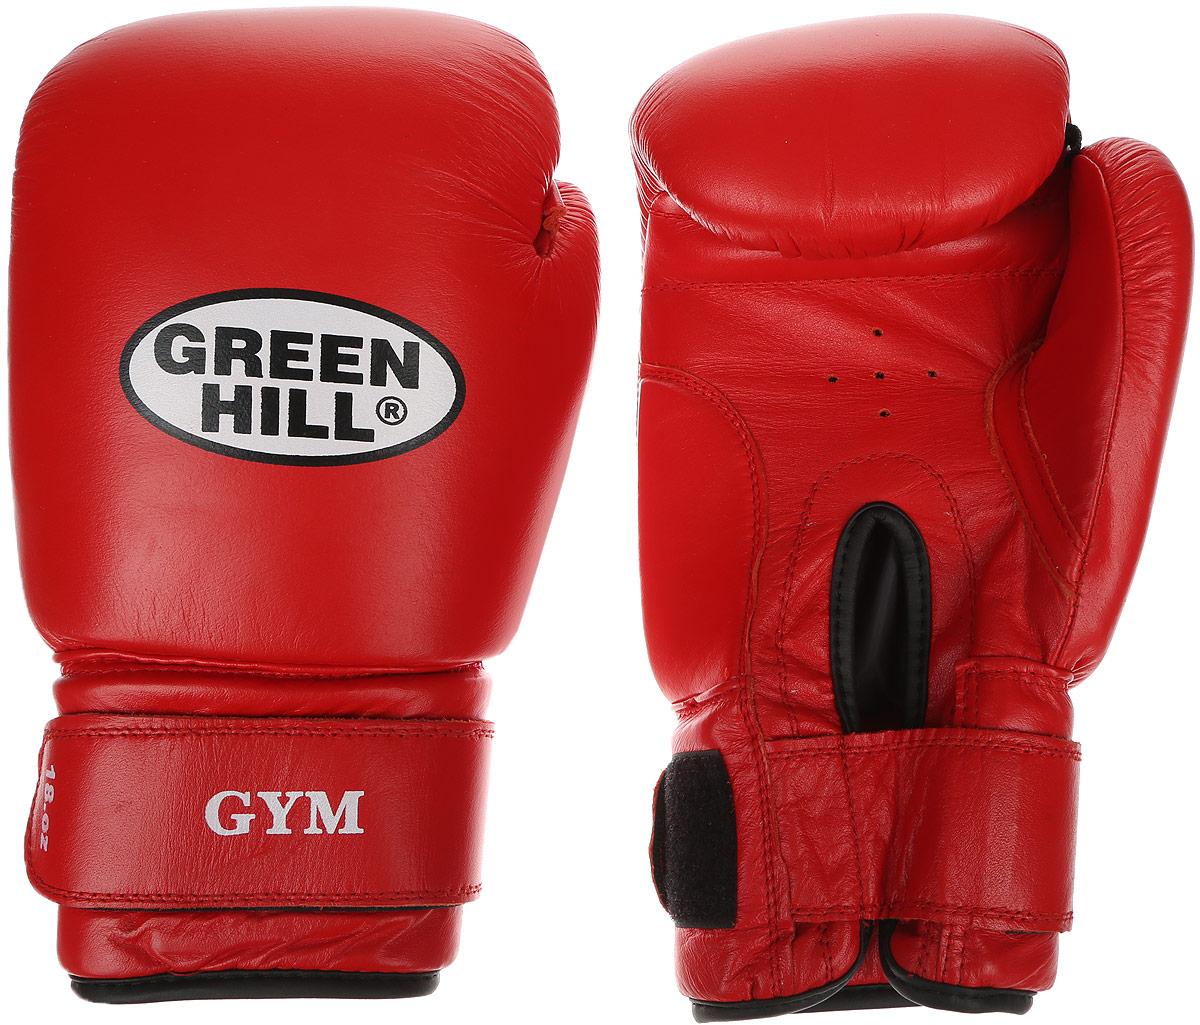 Перчатки боксерские Green Hill Gym, цвет: красный, белый. Вес 16 унцийBGG-2018Боксерские перчатки Green Hill Gym подходят для всех видов единоборств где применяют перчатки. Подойдет как для бокса, так и для кикбоксинга. Новички и профессионалы высоко ценят эту модель за универсальность. Верхняя часть перчатки выполнена из натуральной кожи, наполнитель - пенополиуретан. Перфорированная поверхность в области ладони позволяет создать максимально комфортный терморежим во время занятий. Закрепляется на руке при помощи липучки.